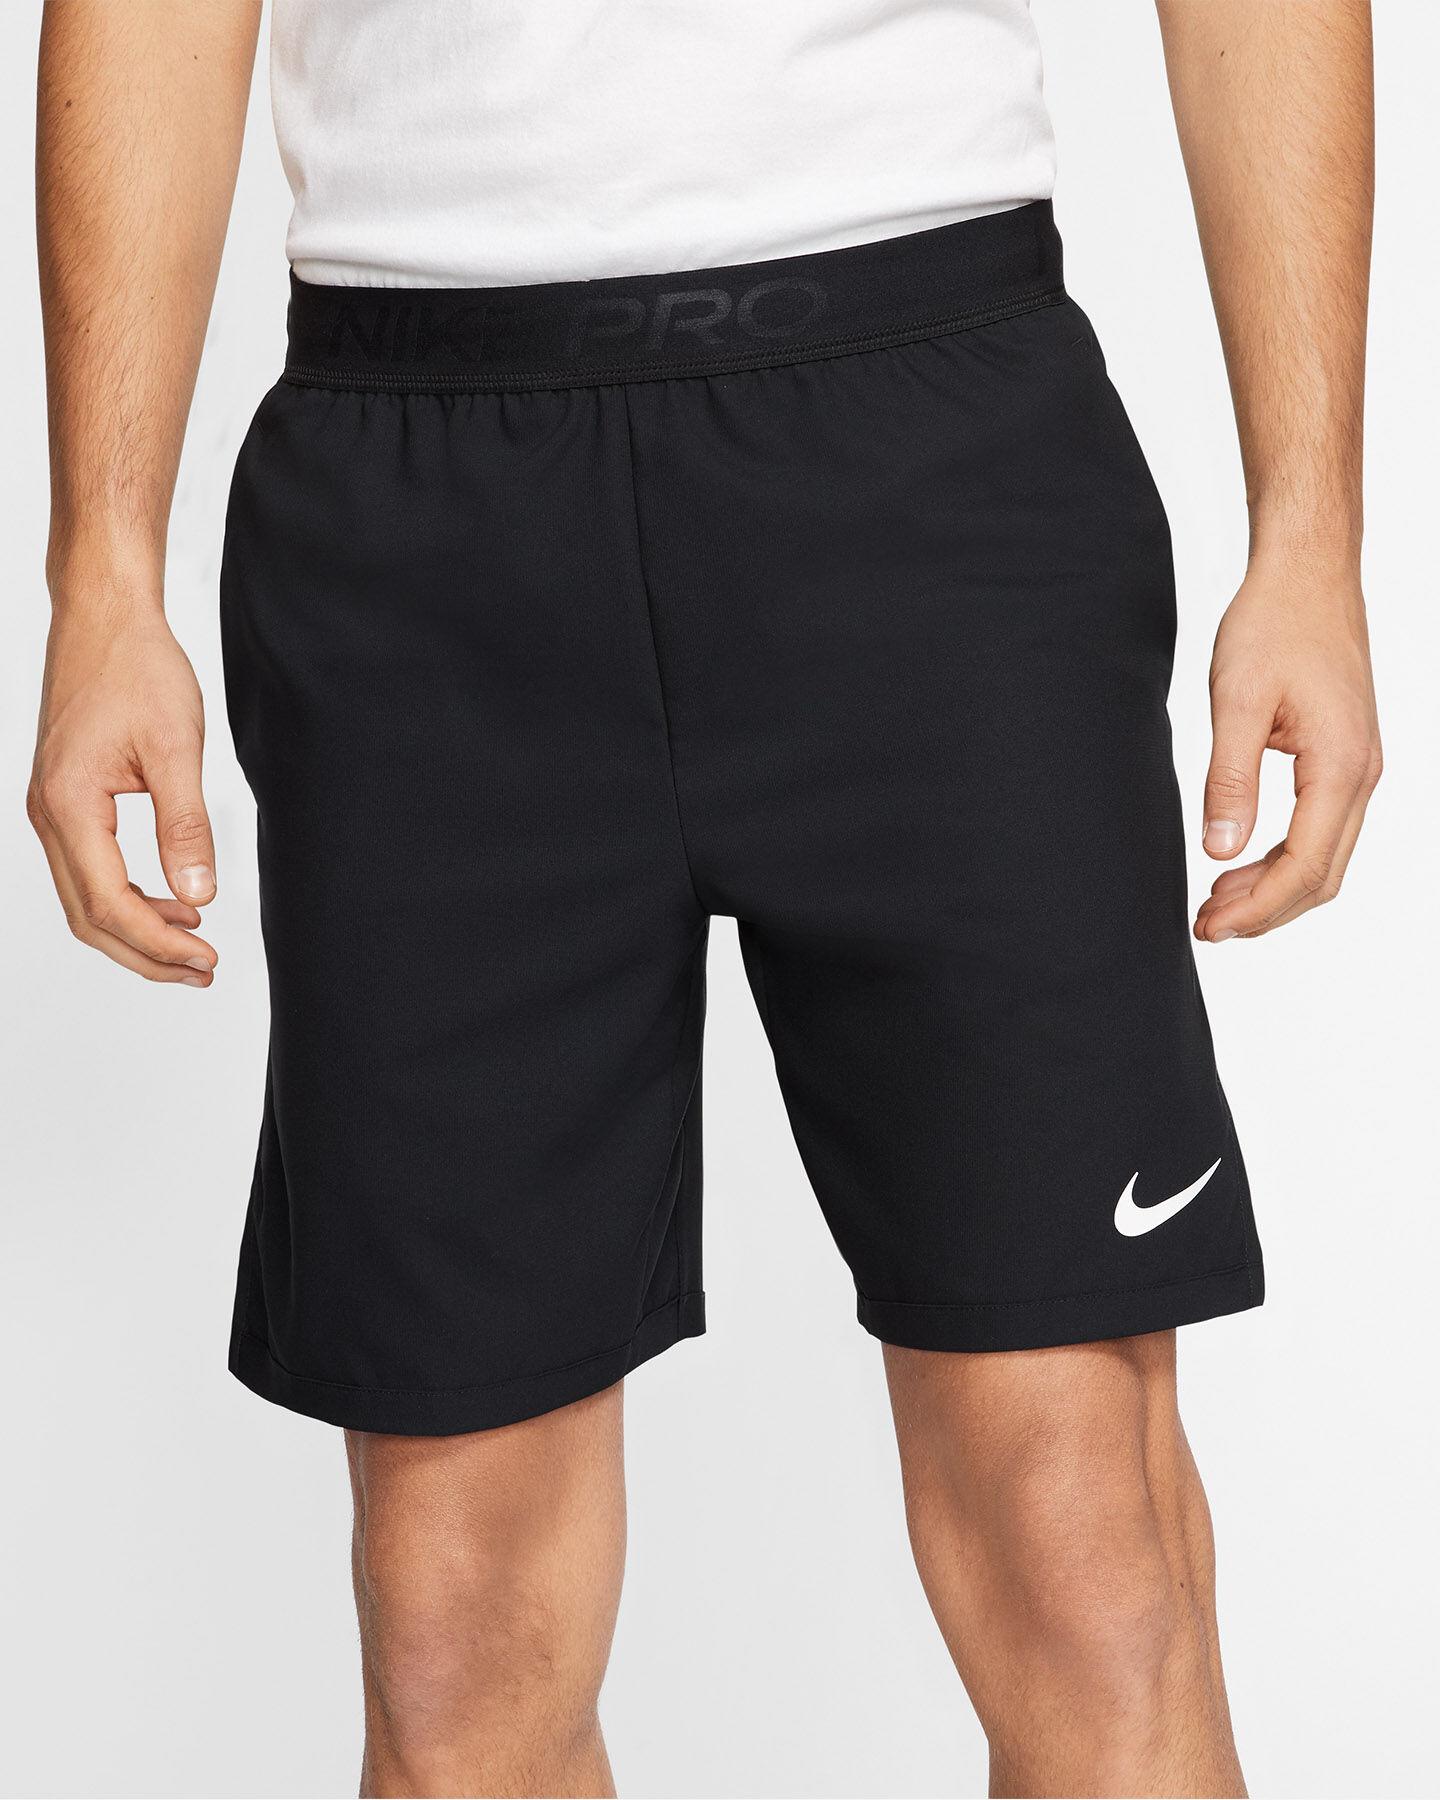 Pantalone training NIKE PRO FLEX VENT MAX 3.0 M S5163988 scatto 5